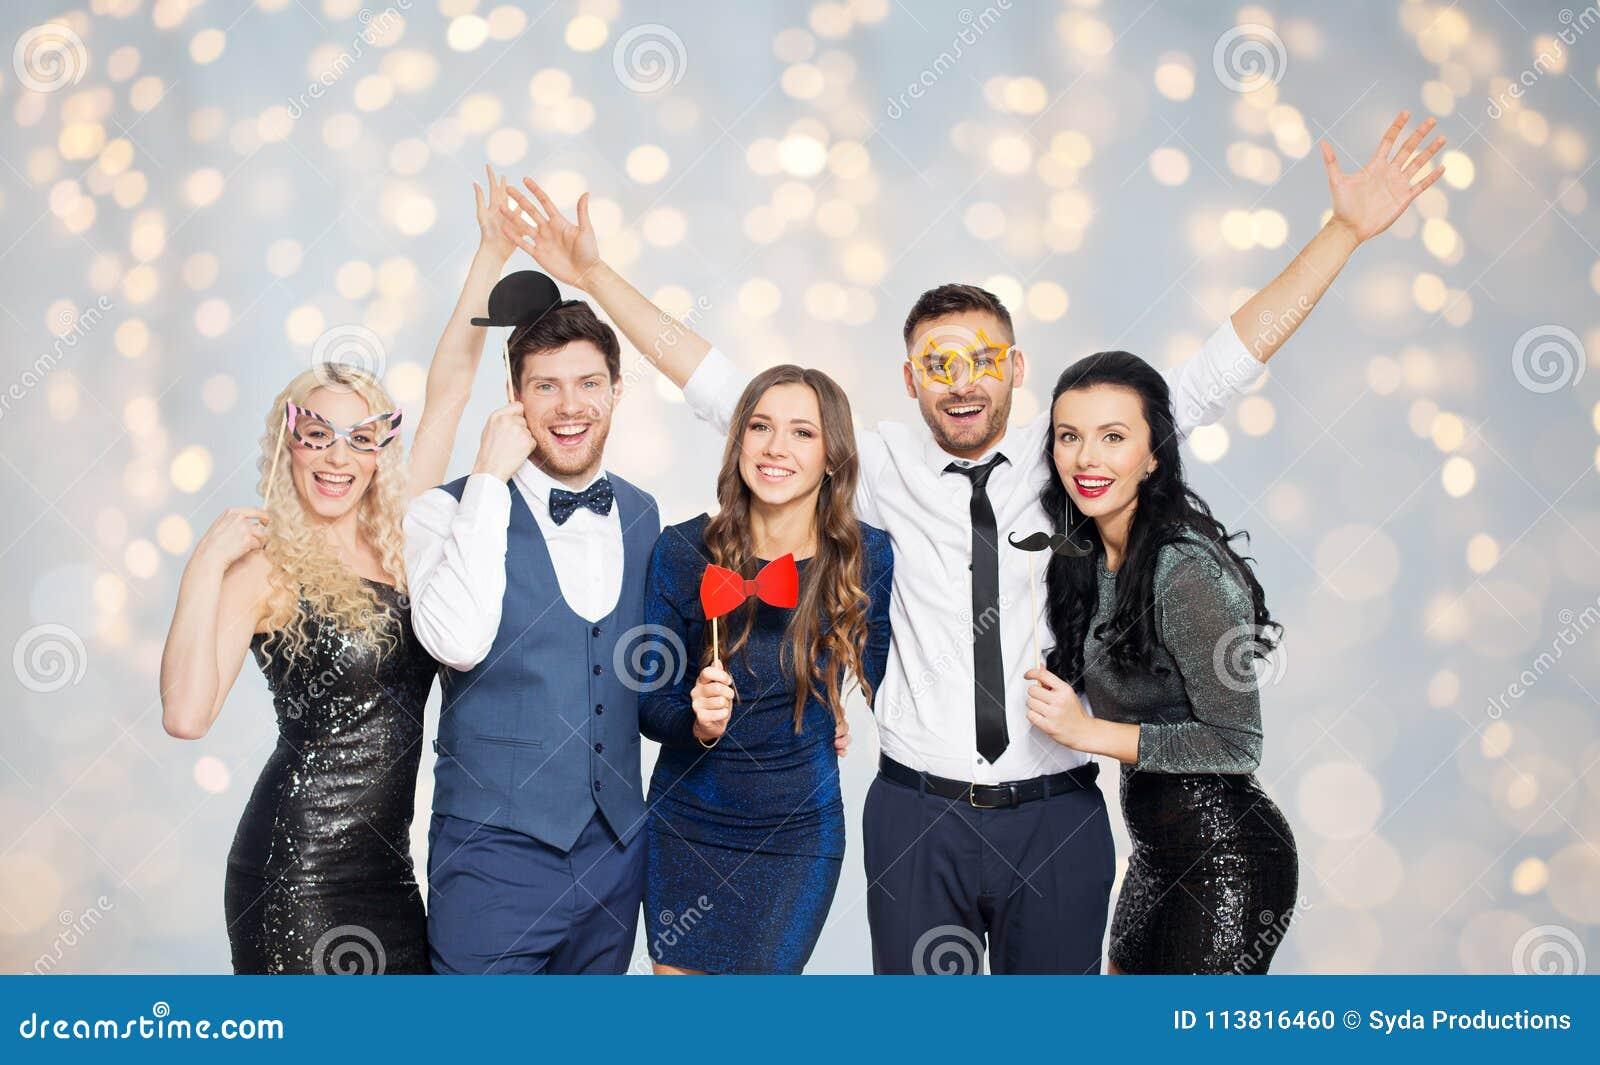 Glückliche Freunde mit Partei stützt die Aufstellung über Lichtern